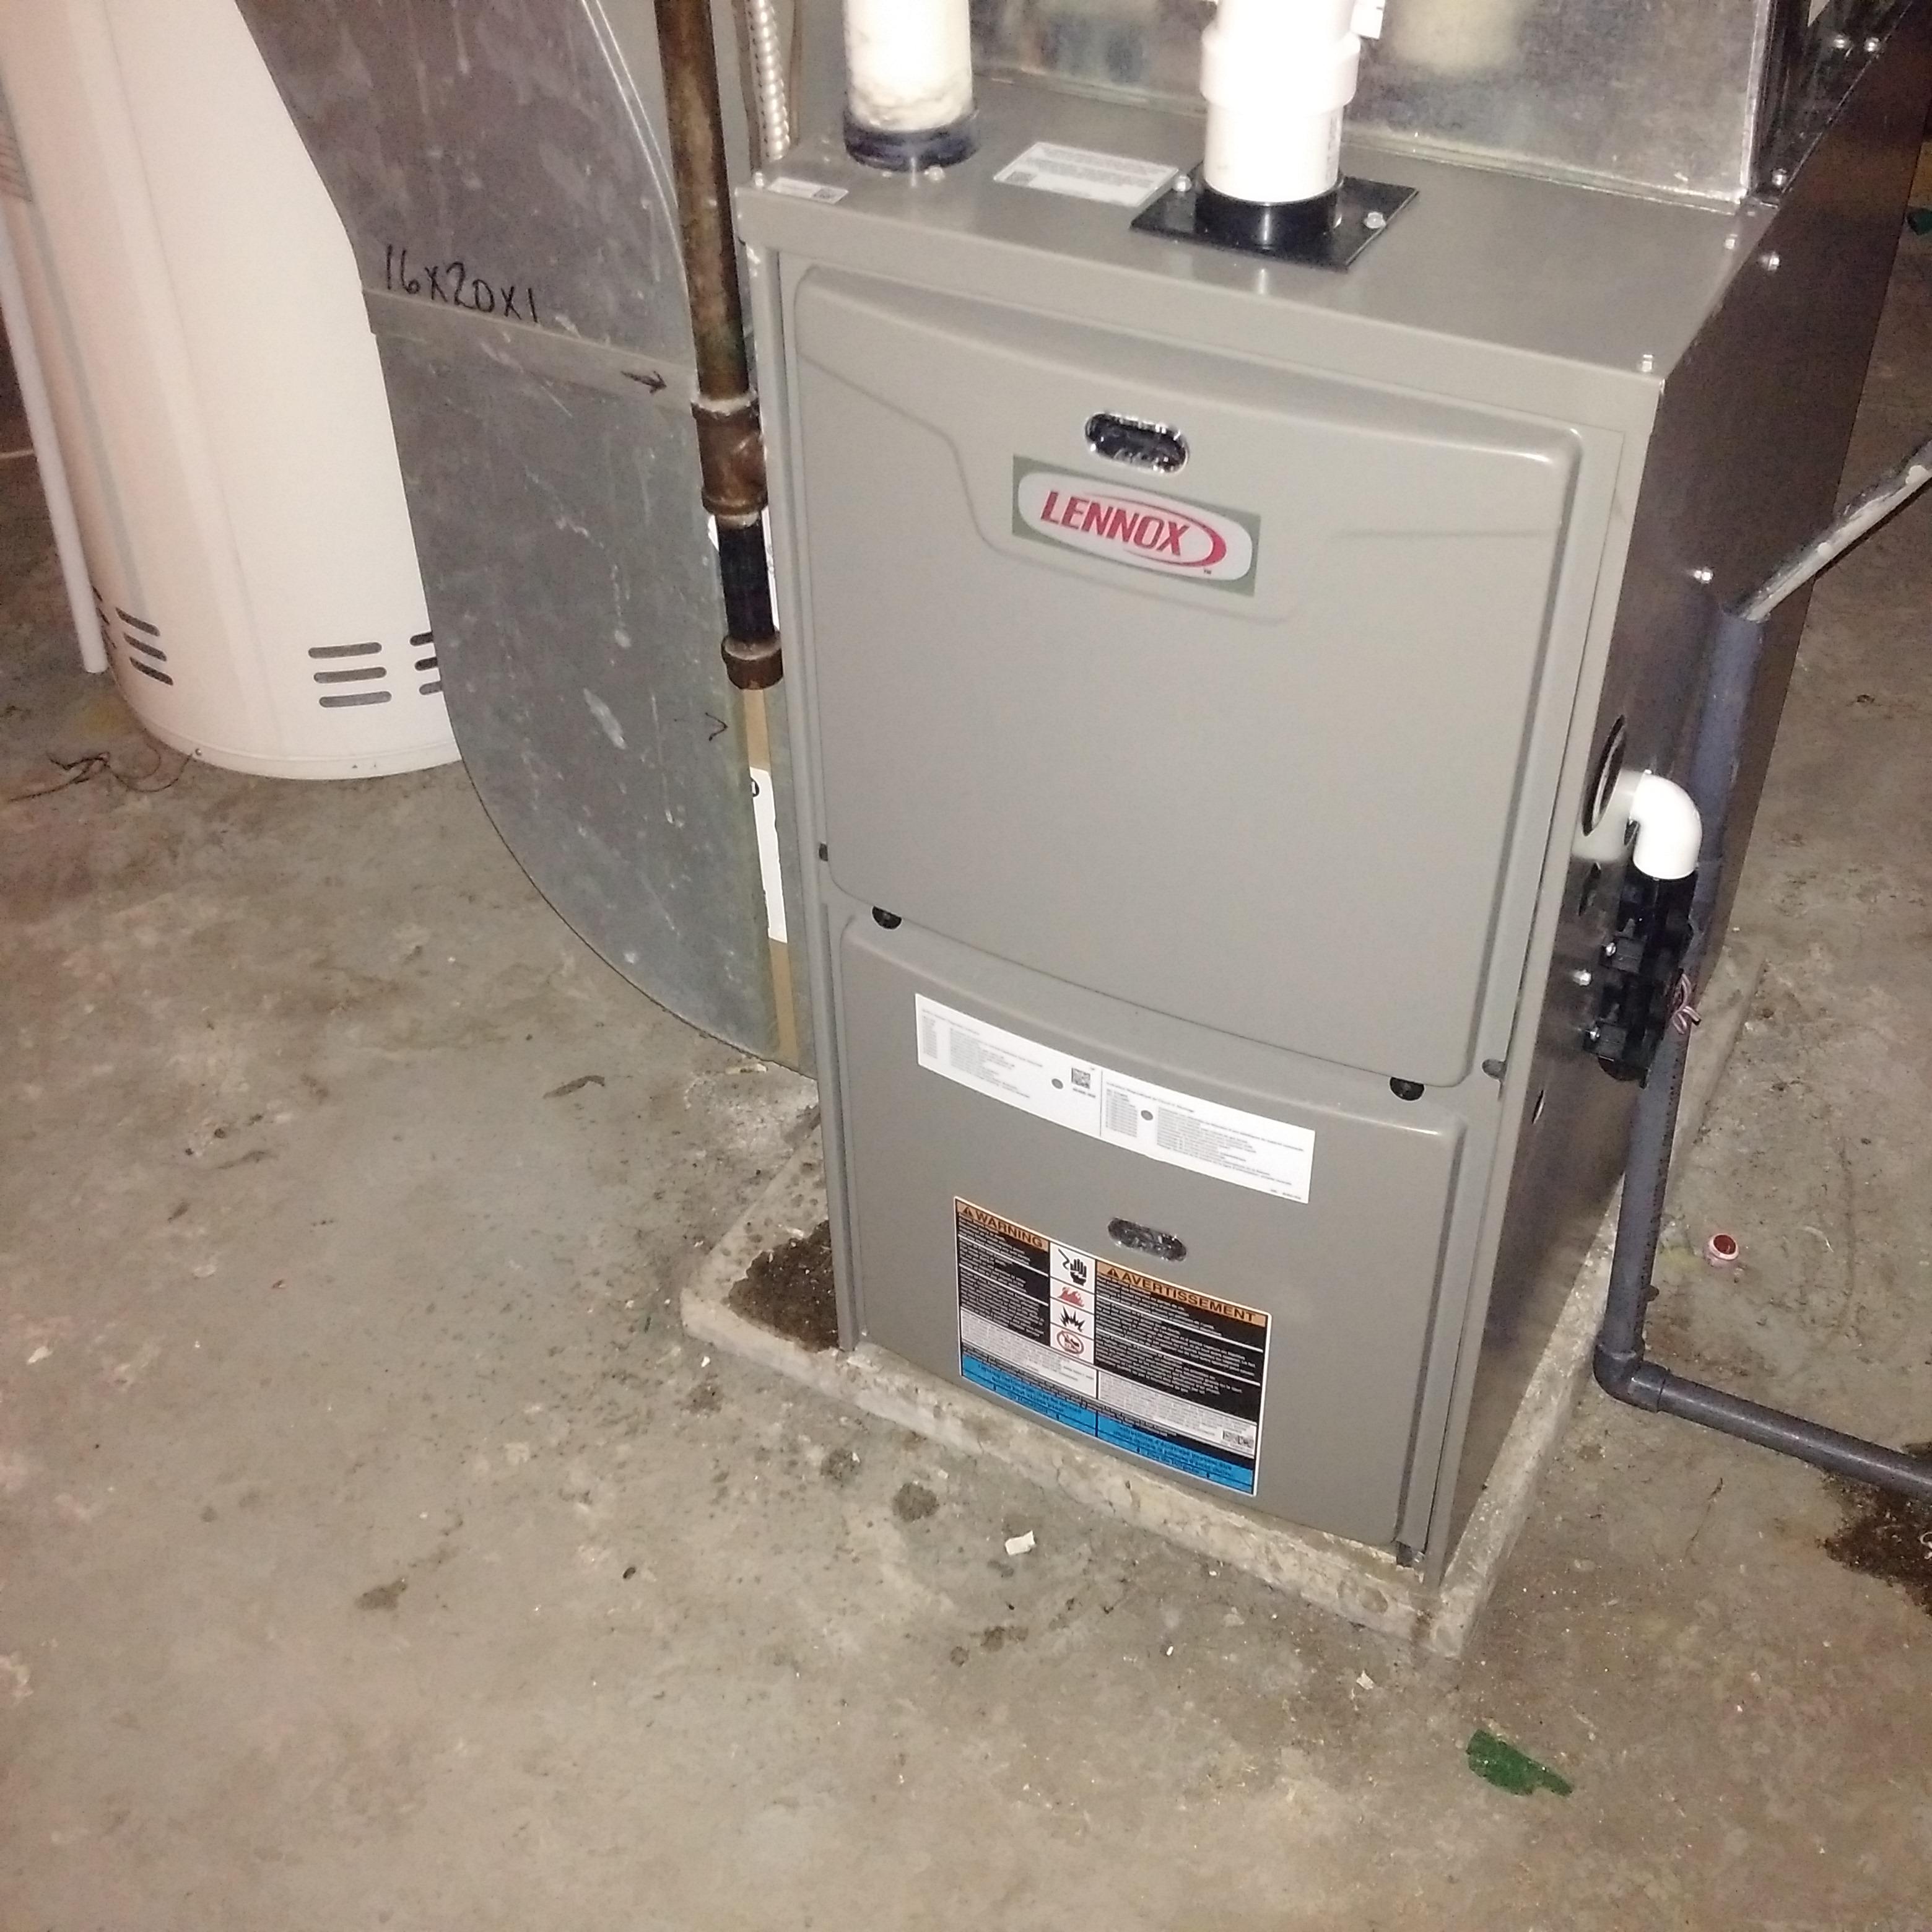 lennox merit series furnace. stevensville lennox furnace welland merit series